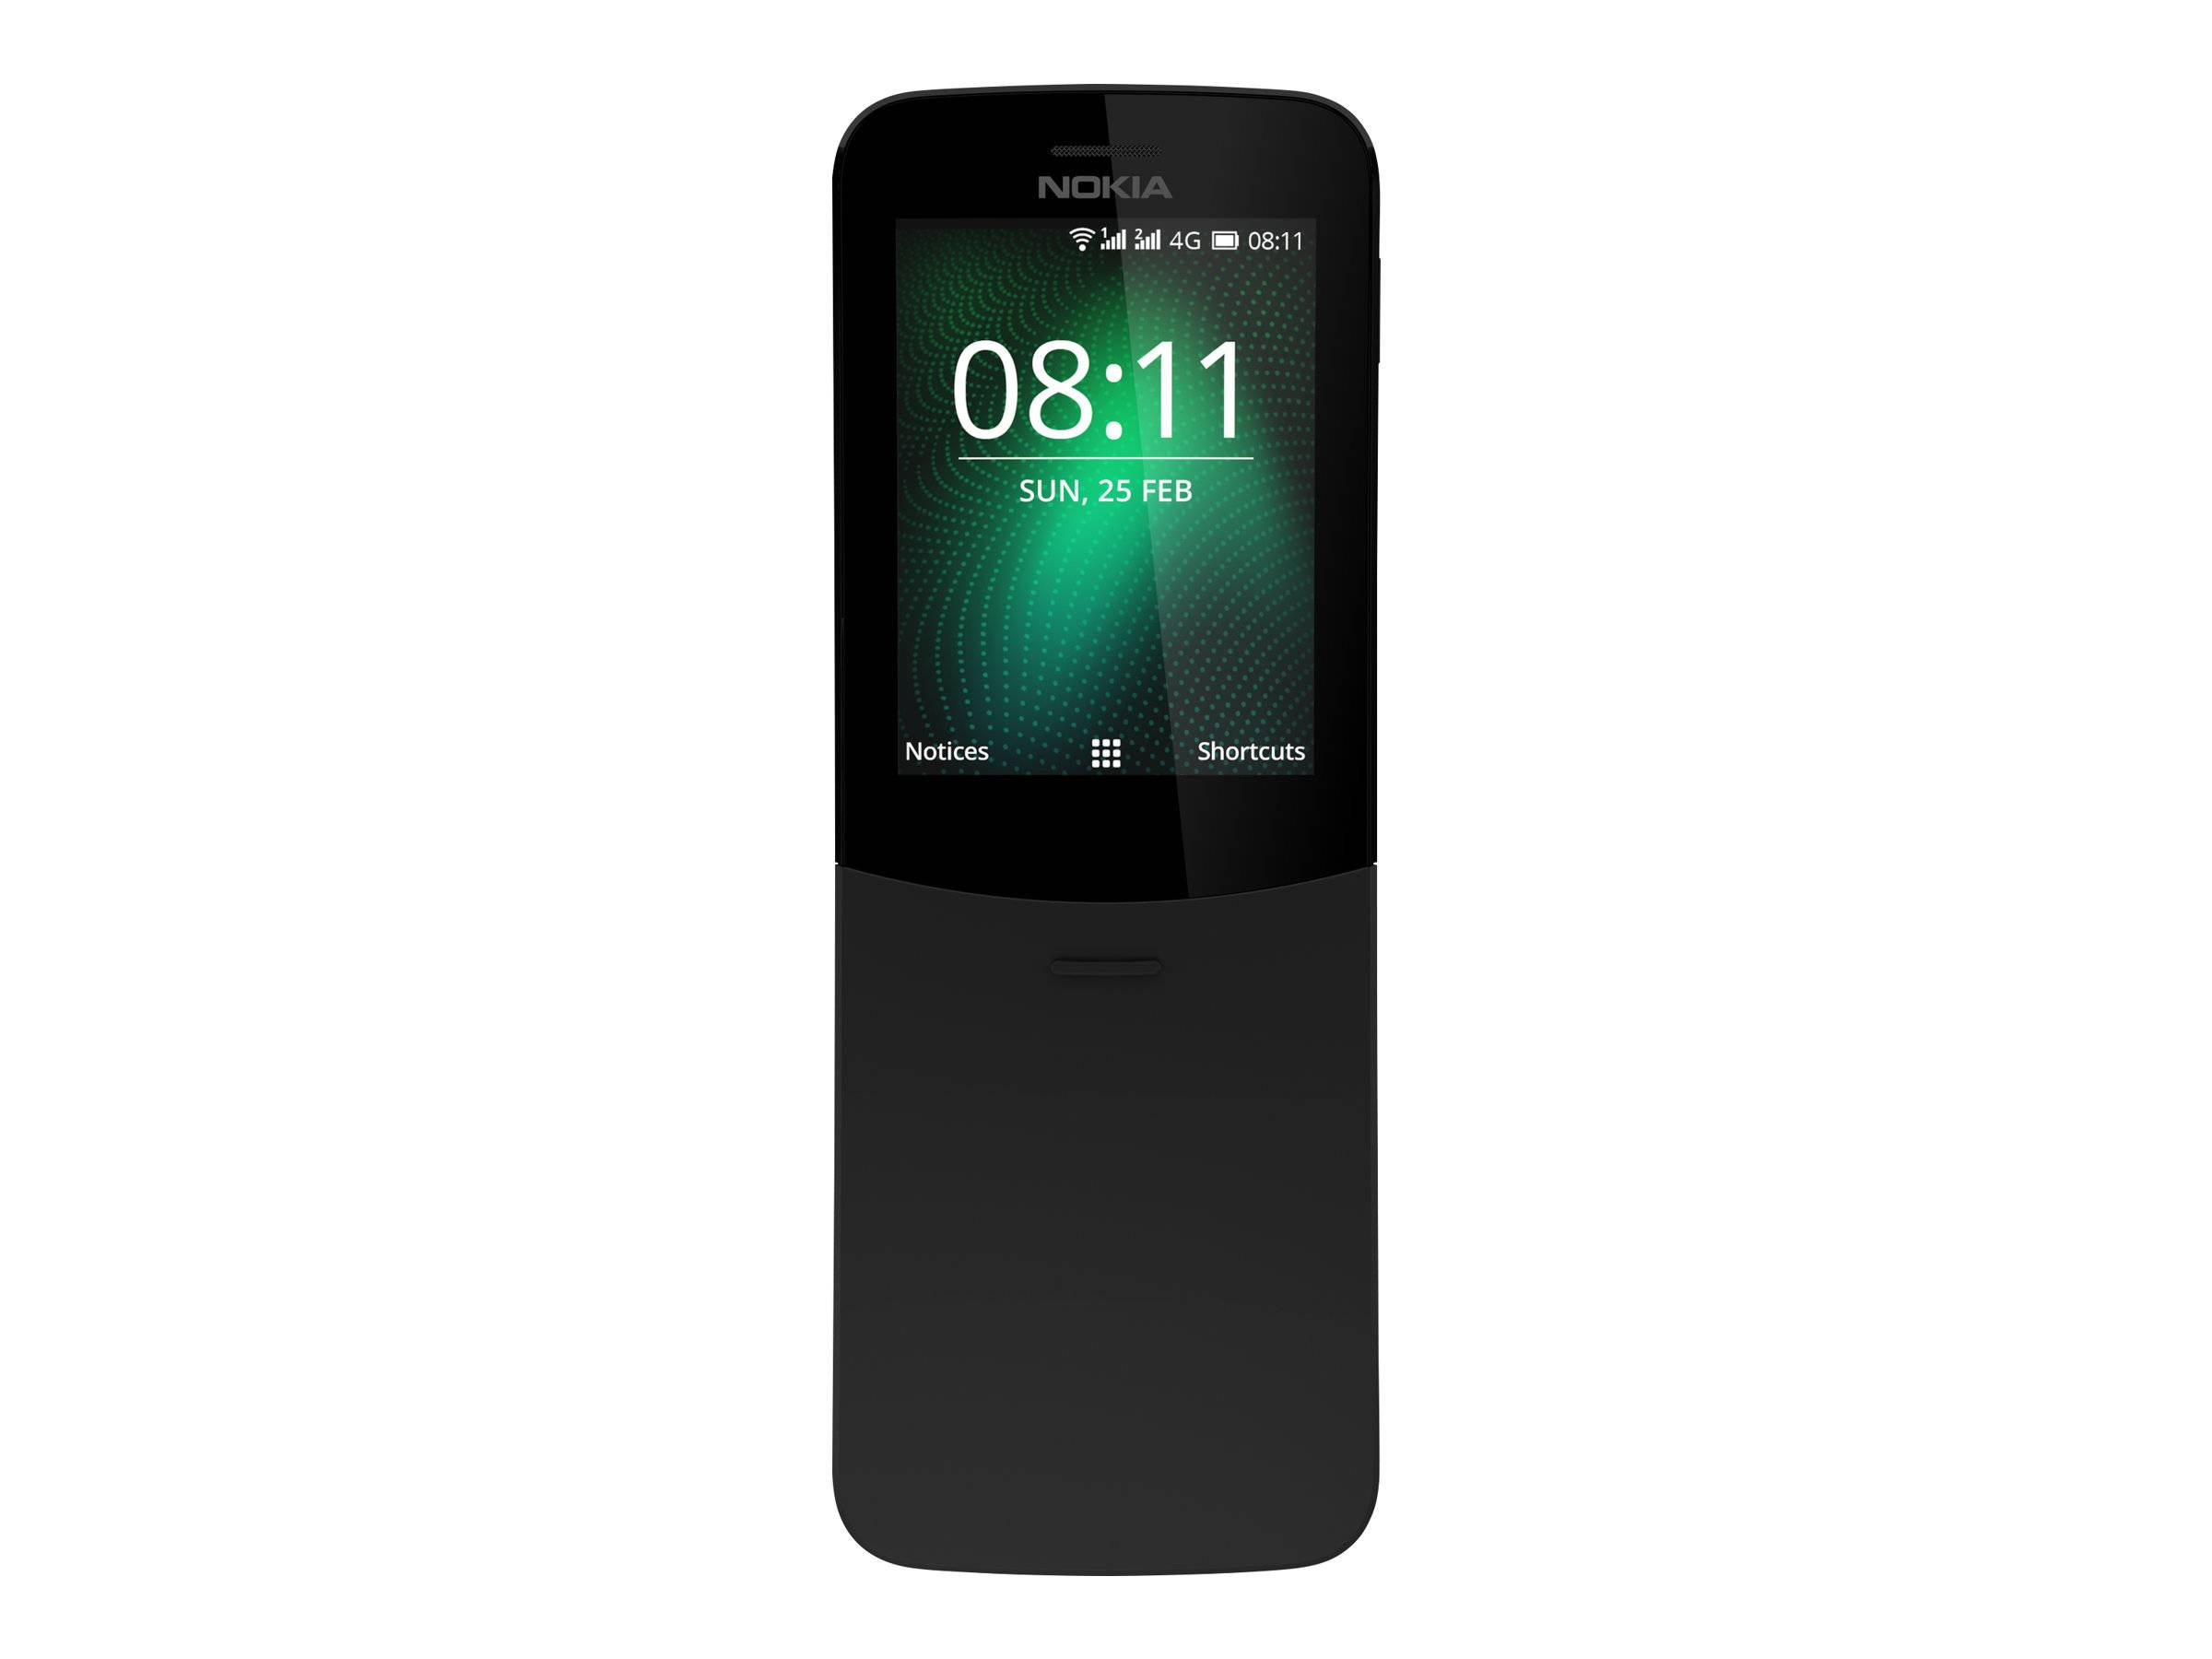 Nokia 8110 4G - Téléphone mobile - double SIM - 4G LTE - 4 Go - microSD slot - GSM - 320 x 240 pixels - RAM 512 Mo - 2 MP - KaiOS - noir